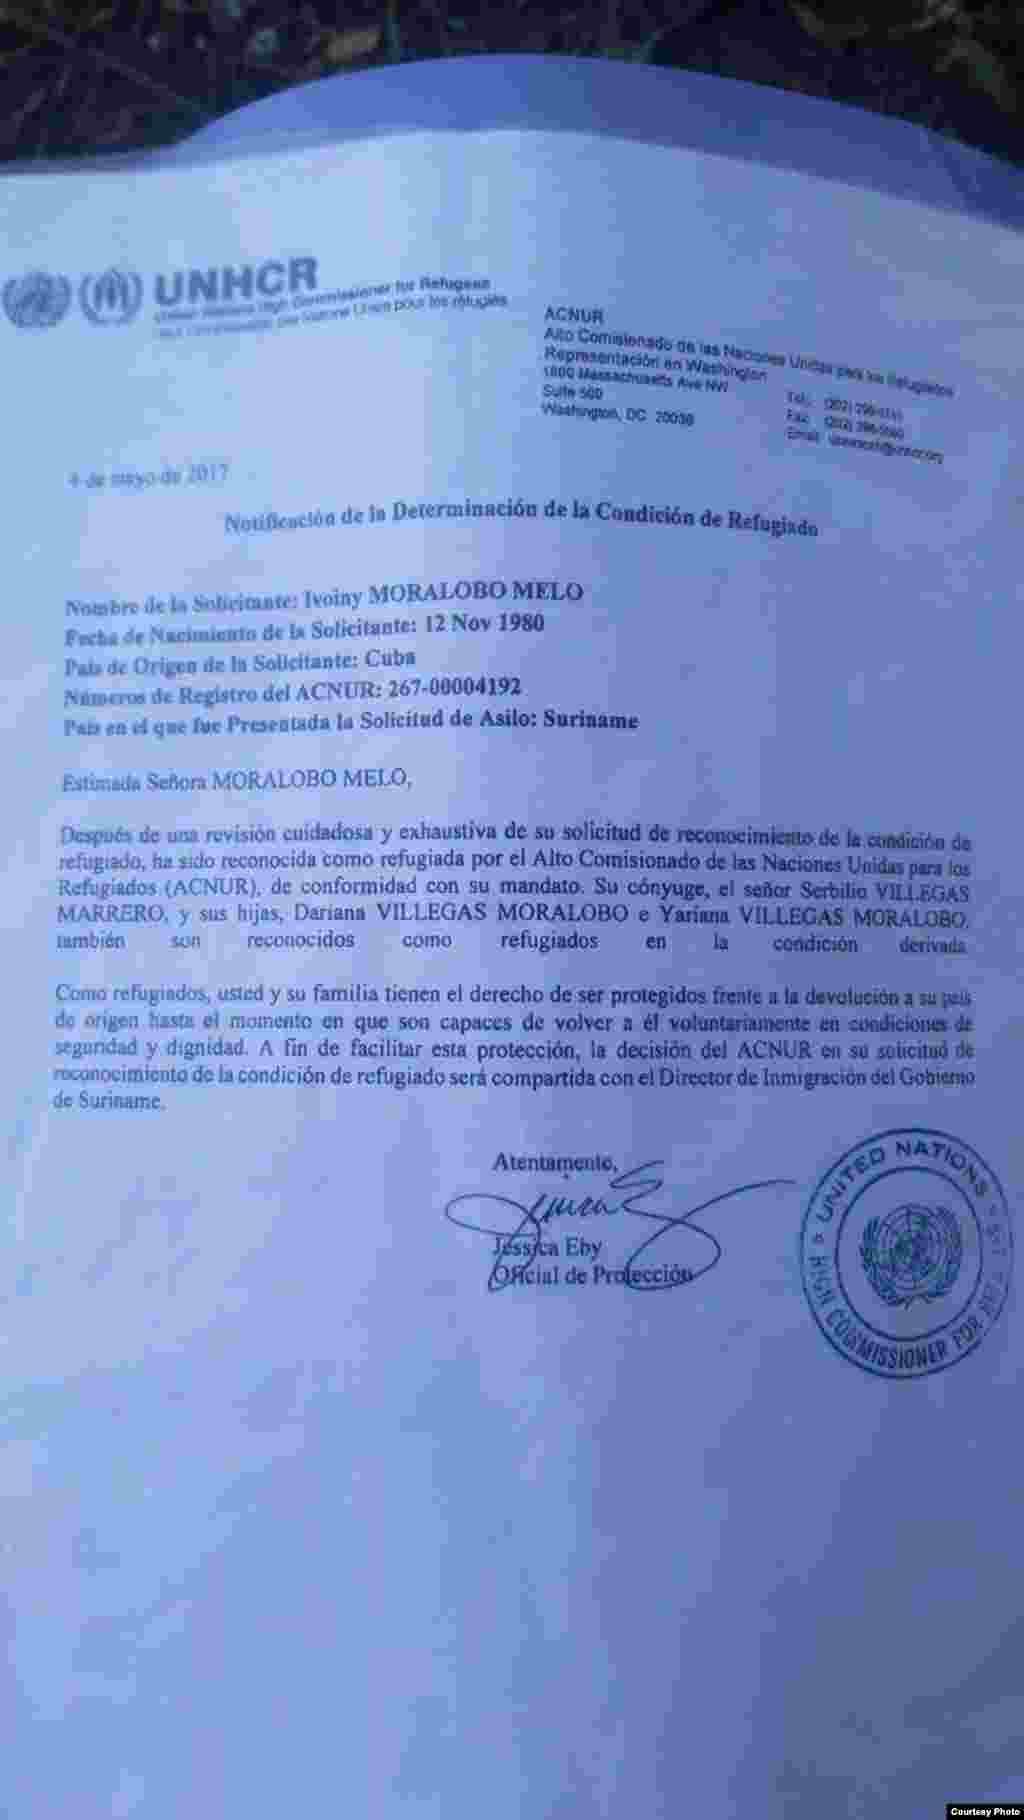 Notificación de la Determinación de la Condición de Refugiado, conferida a Ivoyni Moralobo Melo.